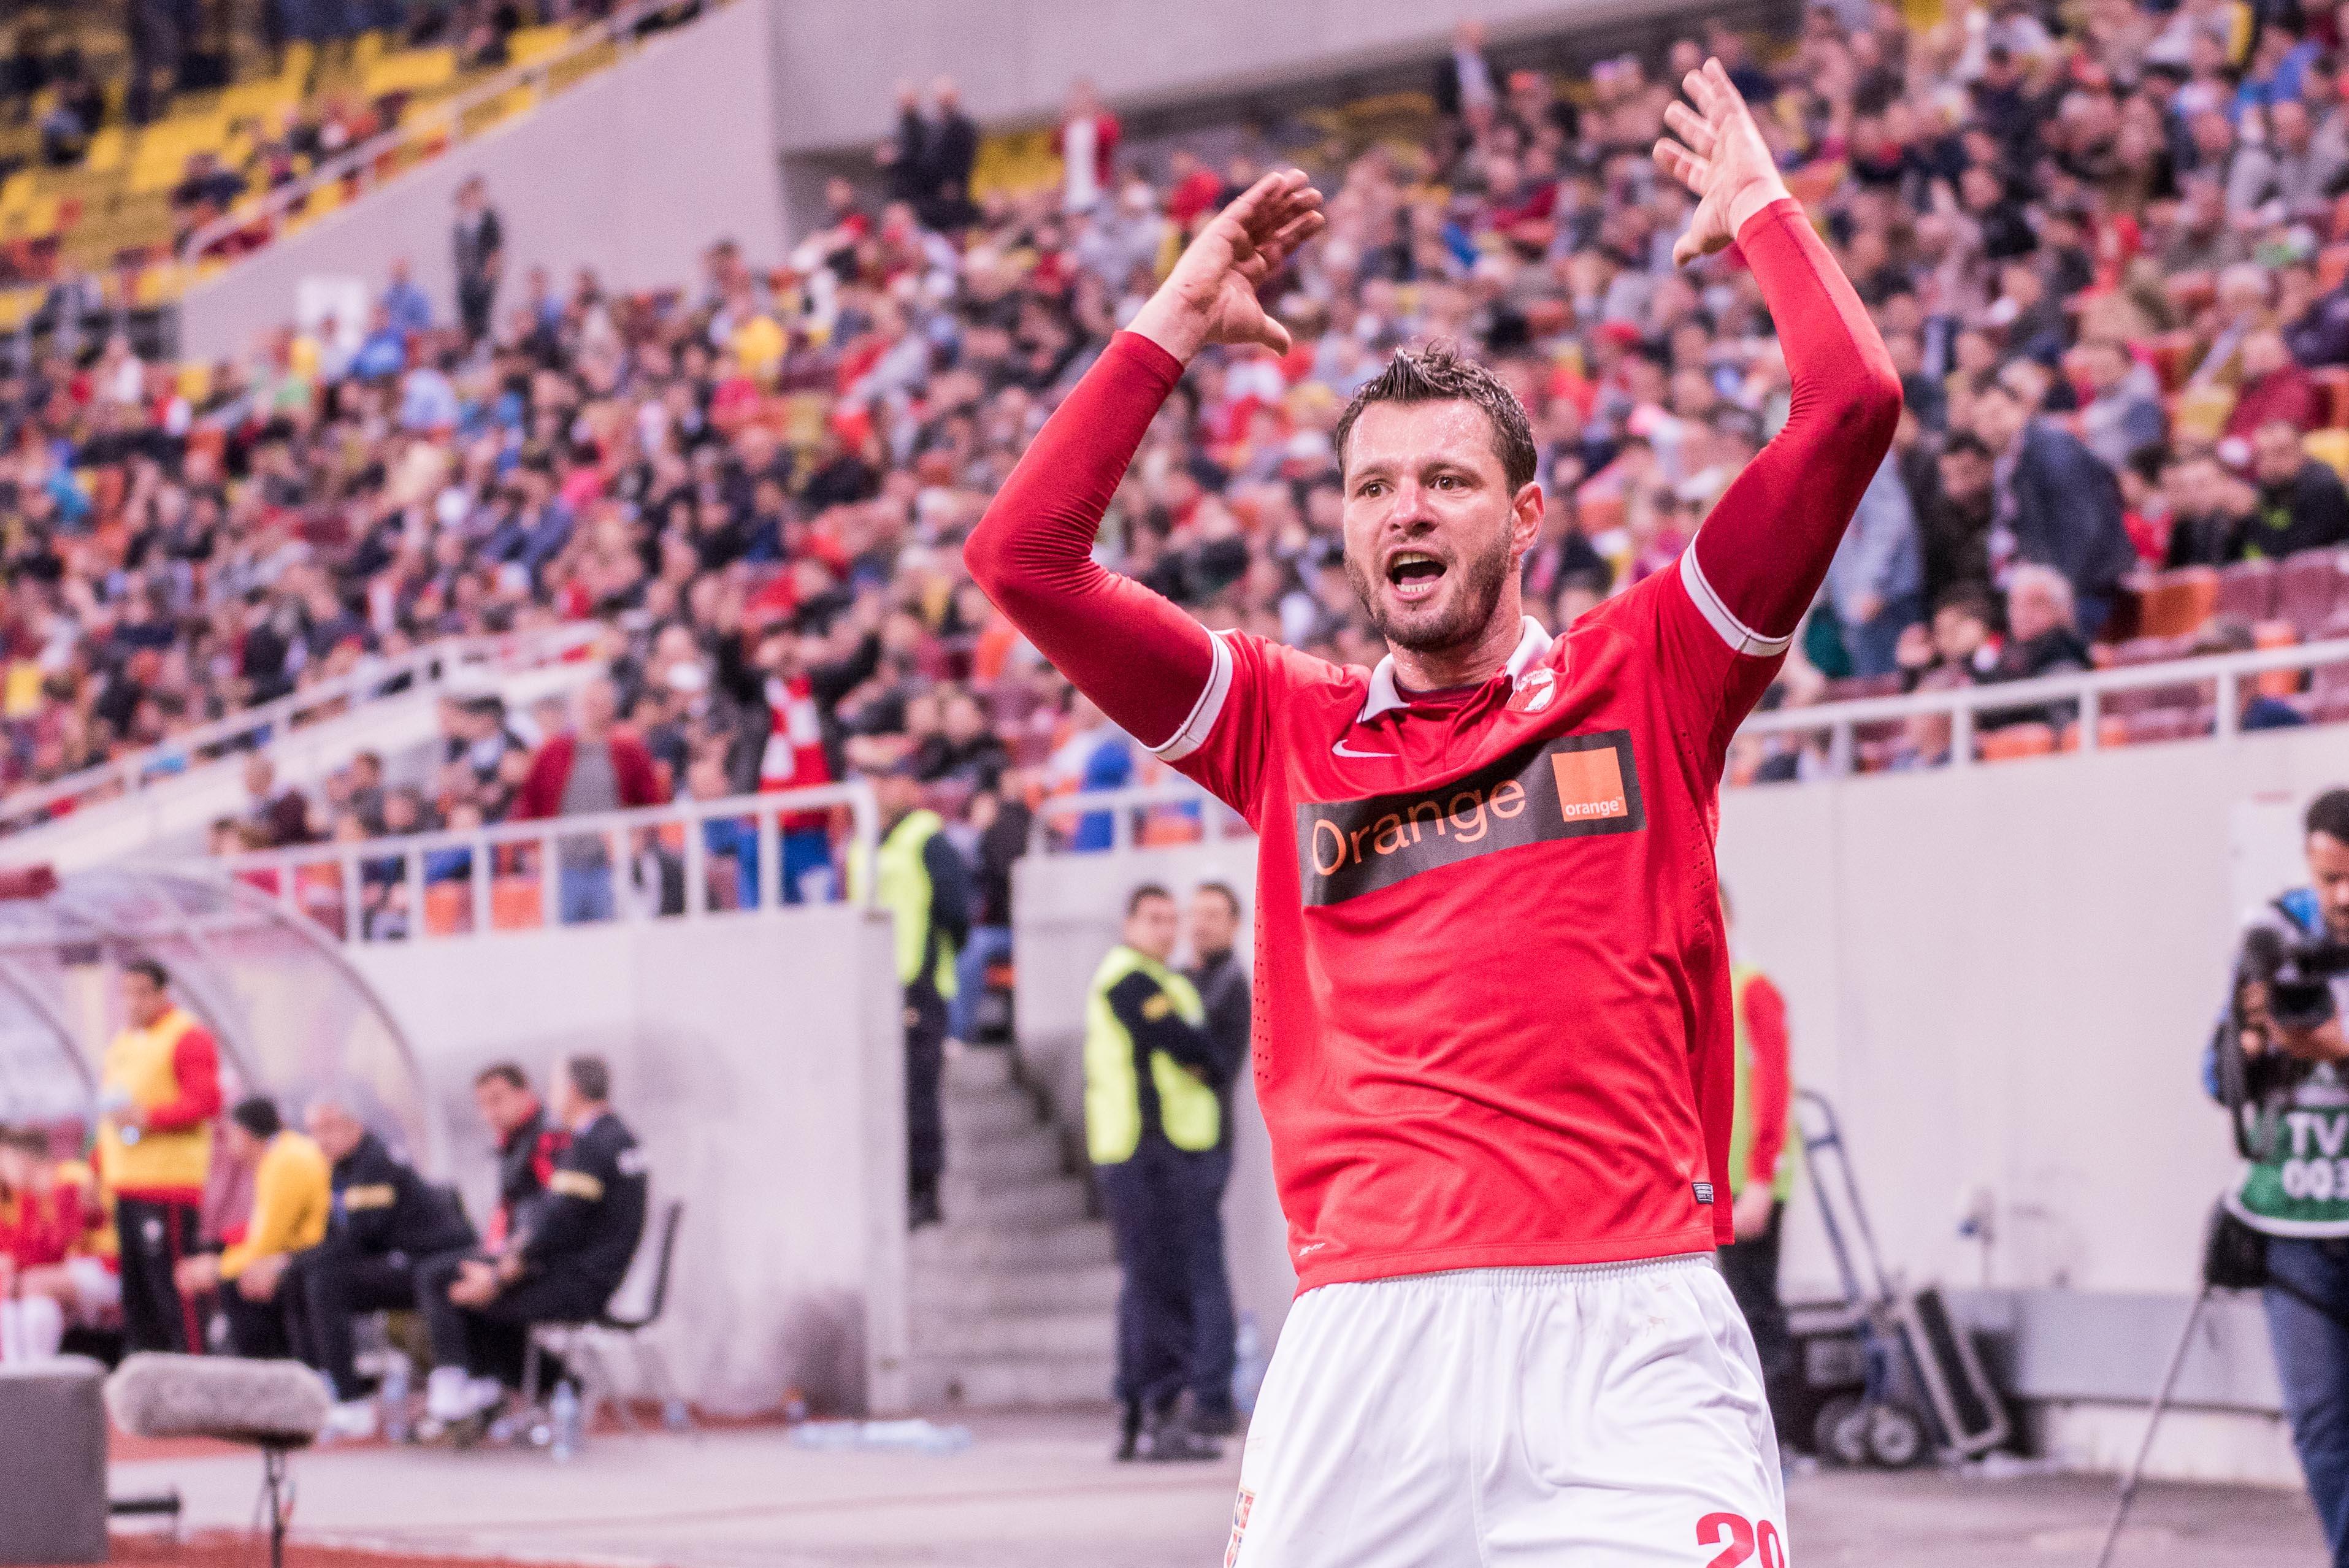 Magyarellenes skandálás miatt szakították félbe a Dinamo Bucuresti mérkőzését